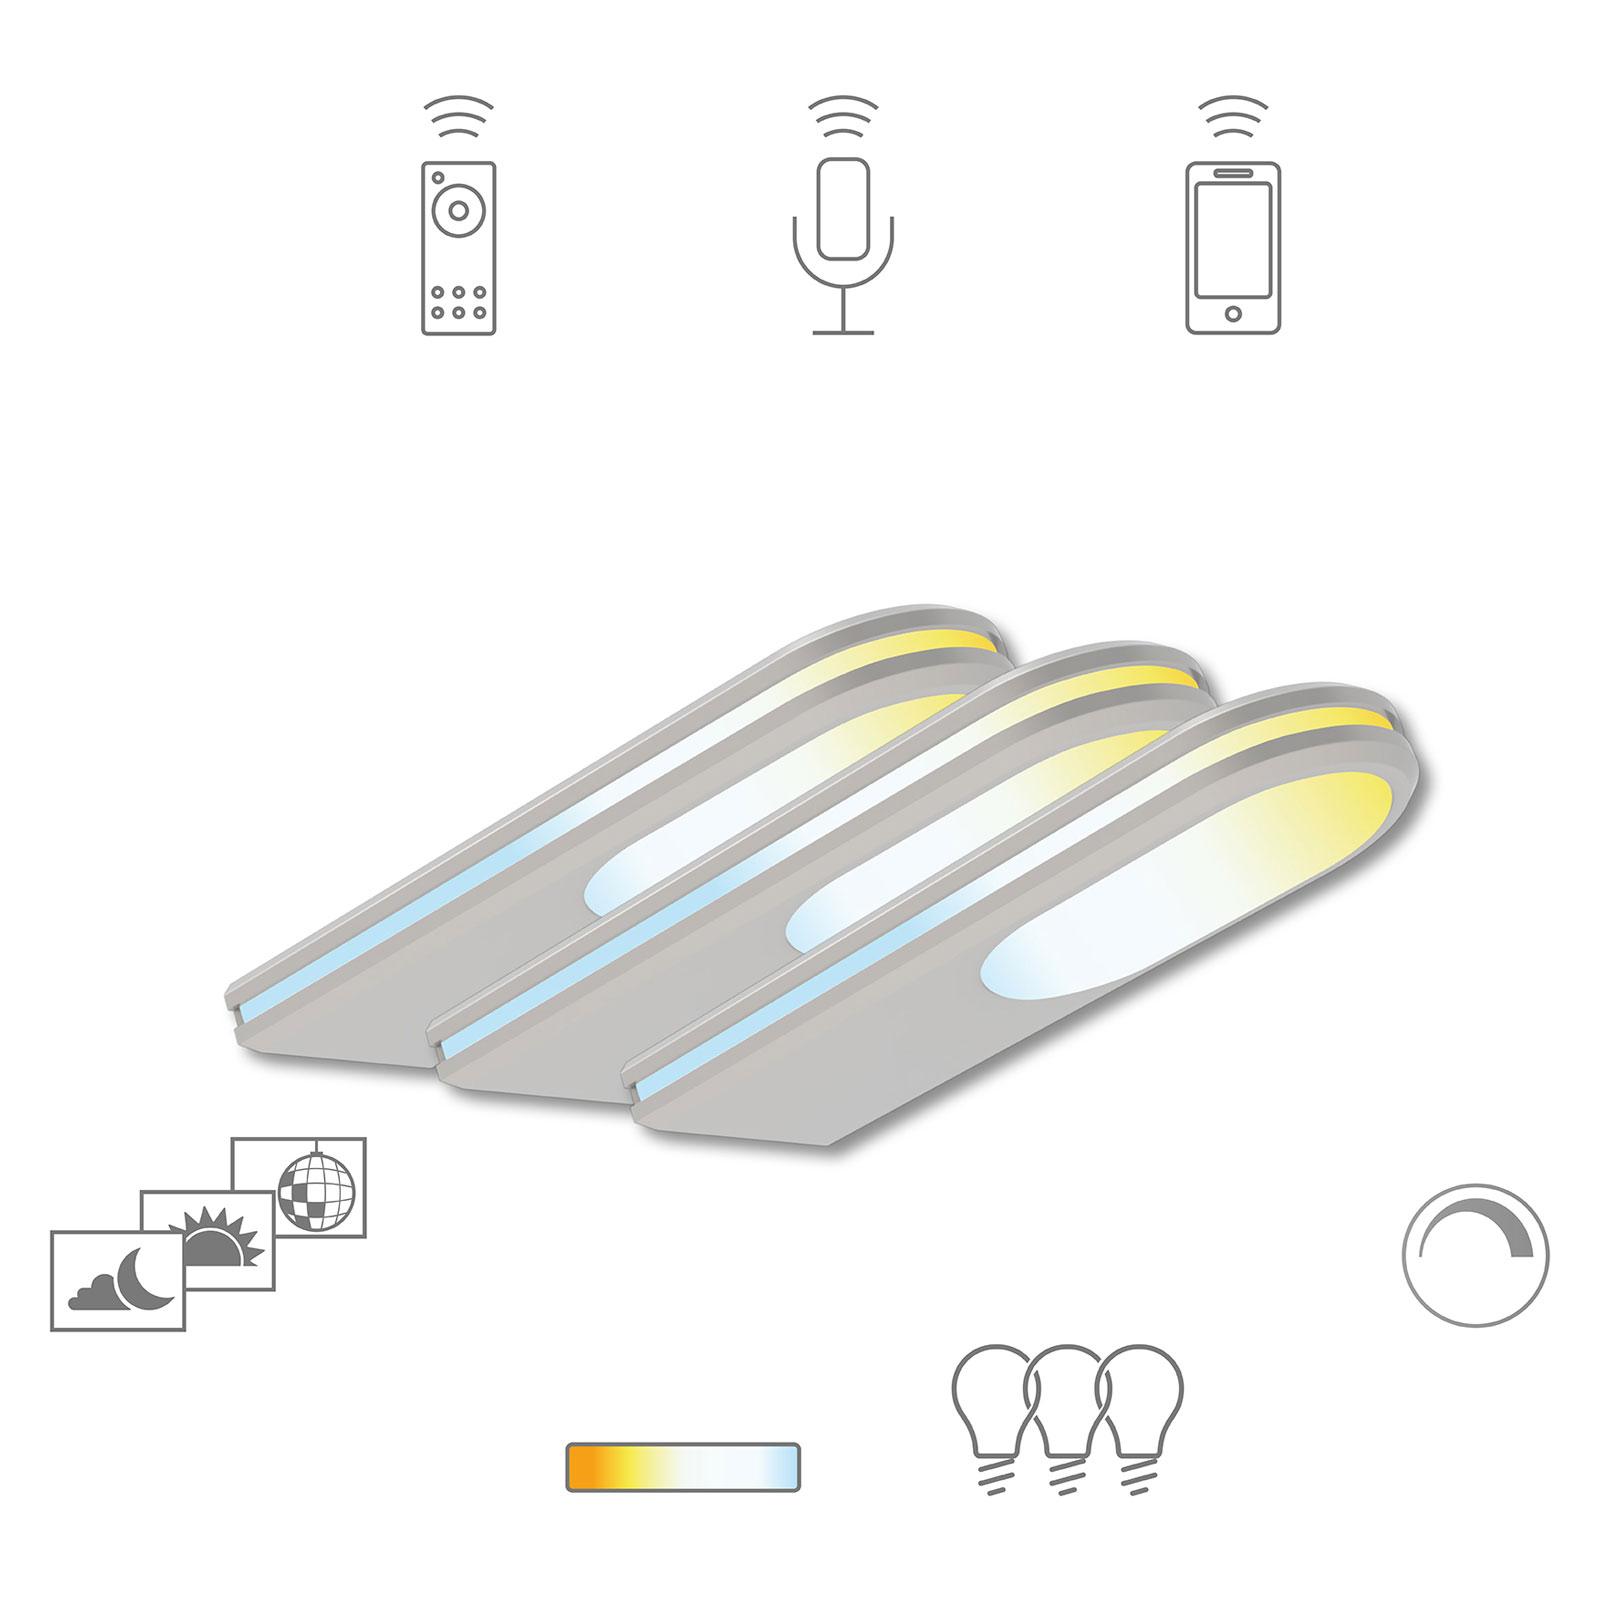 Müller Licht tint LED-Unterbauleuchte Armaro, 3er